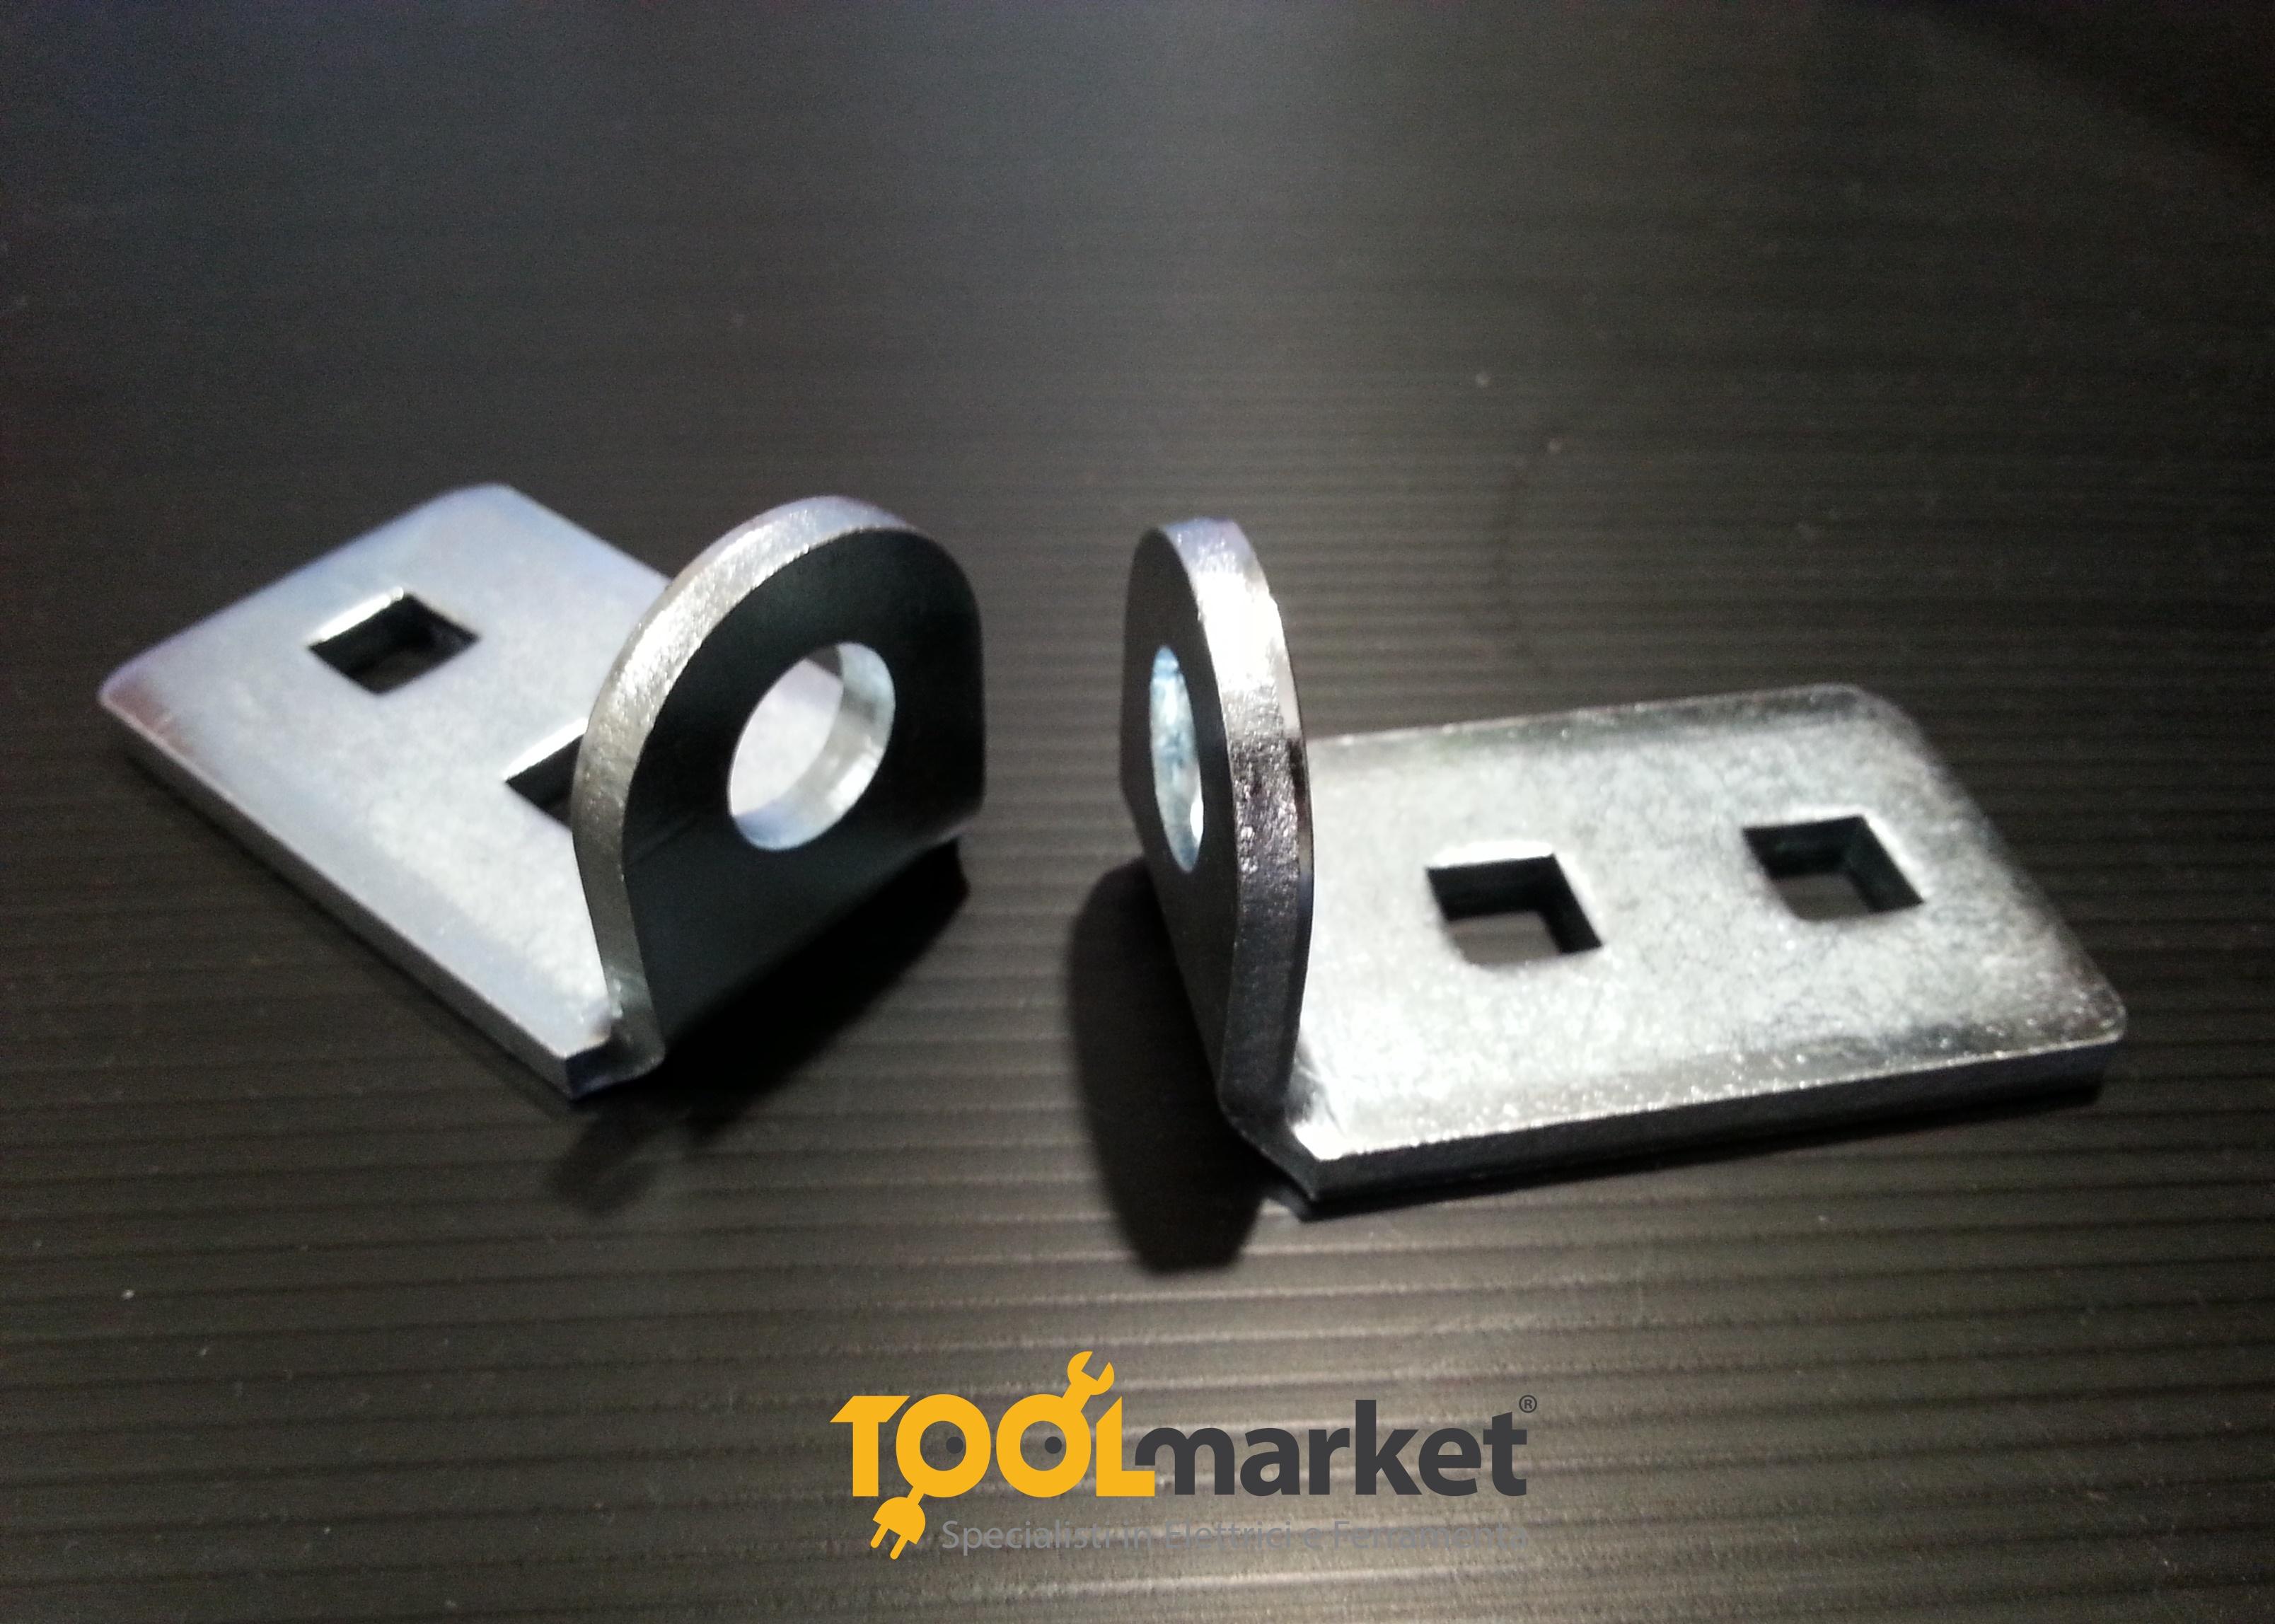 Portalucchetto in acciaio zincato universale